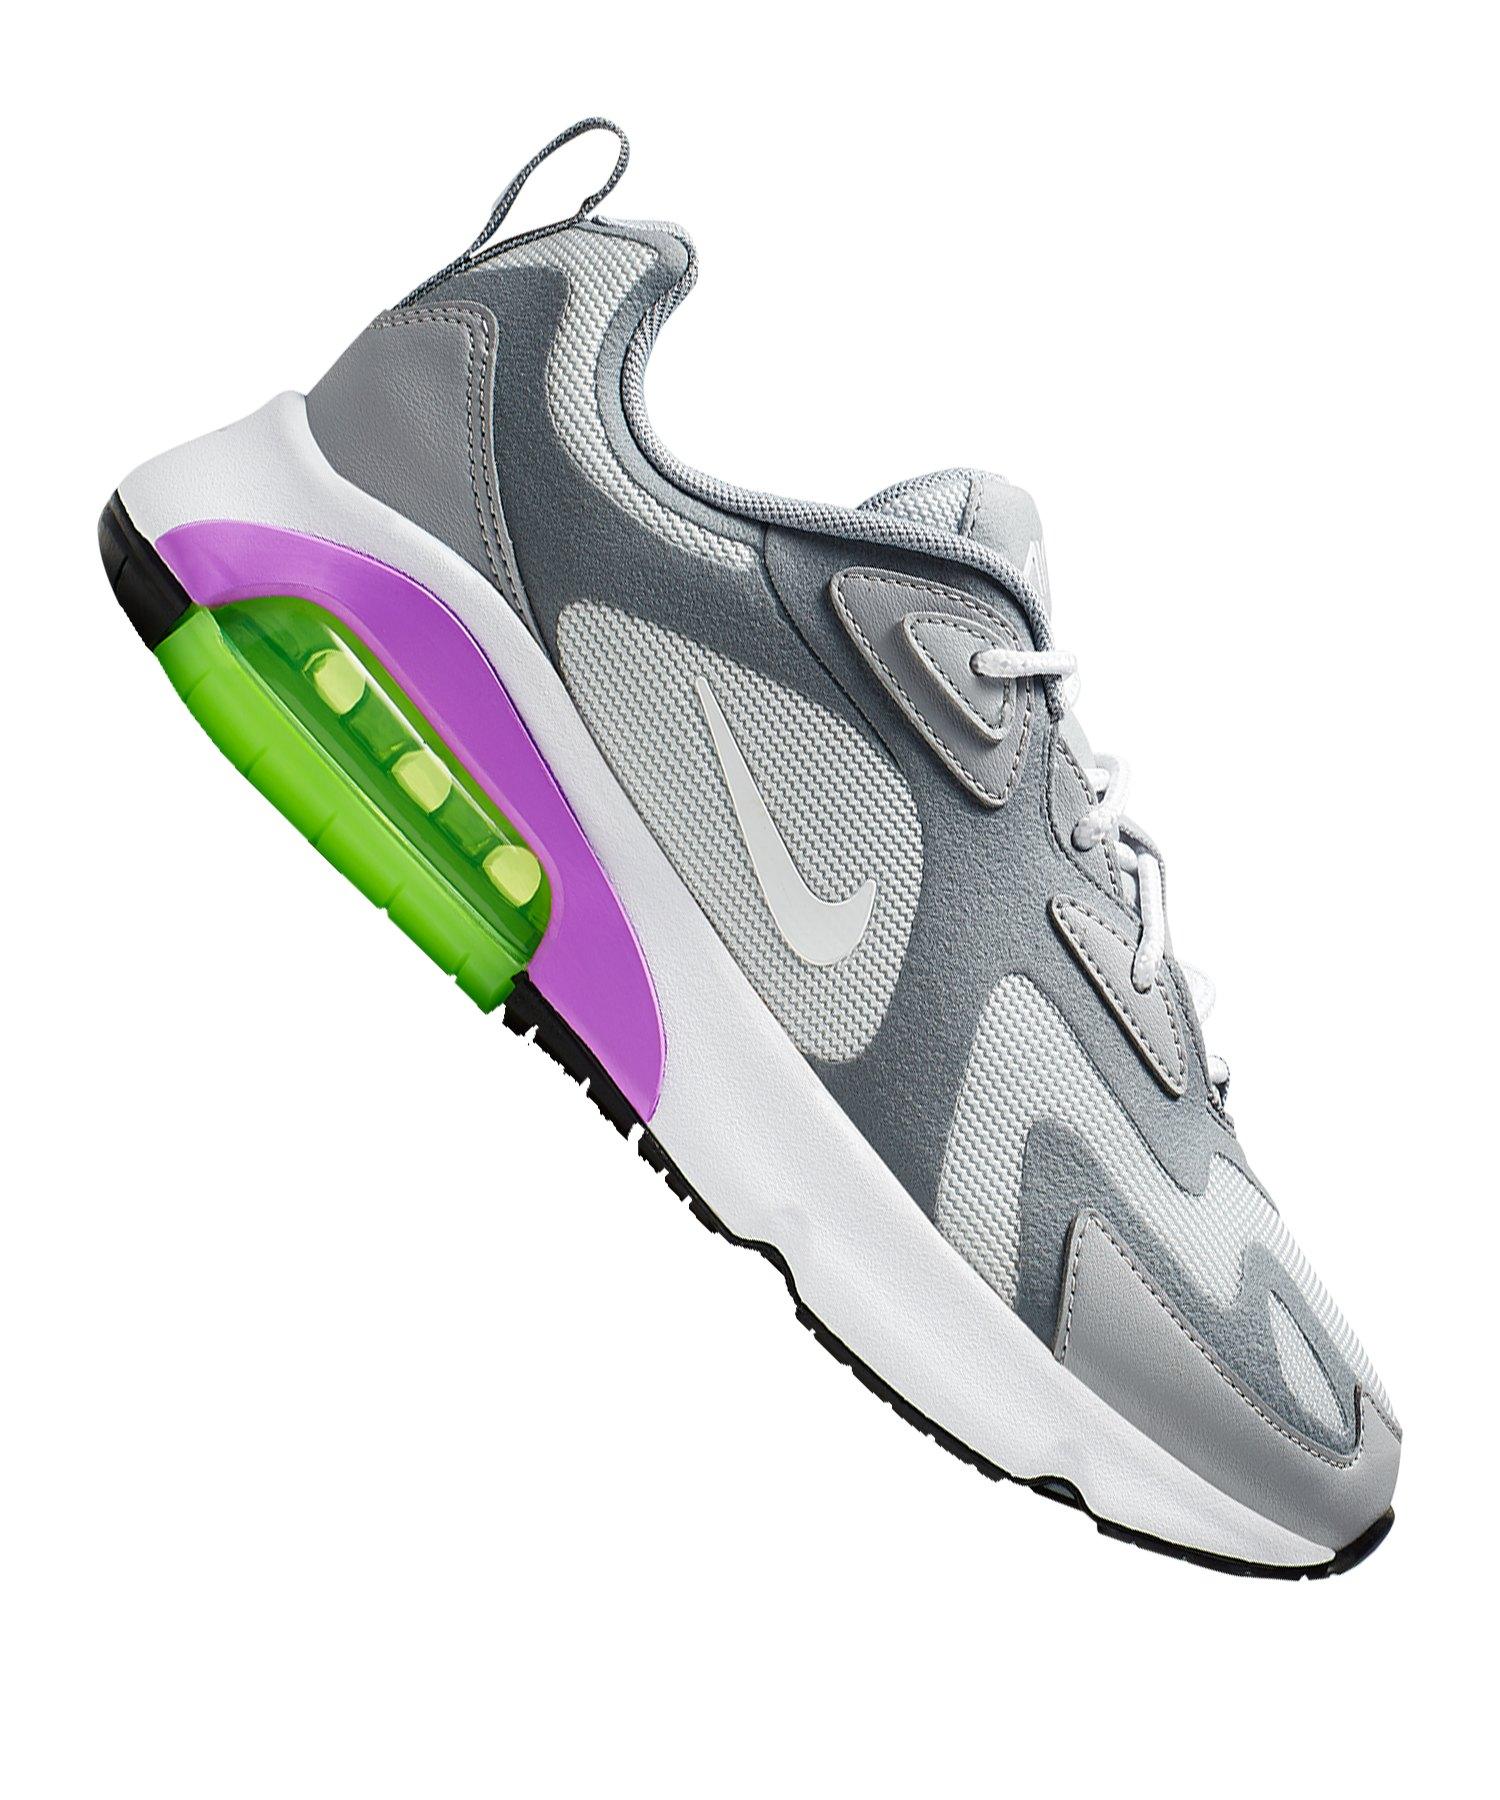 Sommer 2017 Neu karlsruhe Nike Air Max Frauen Schuhe New